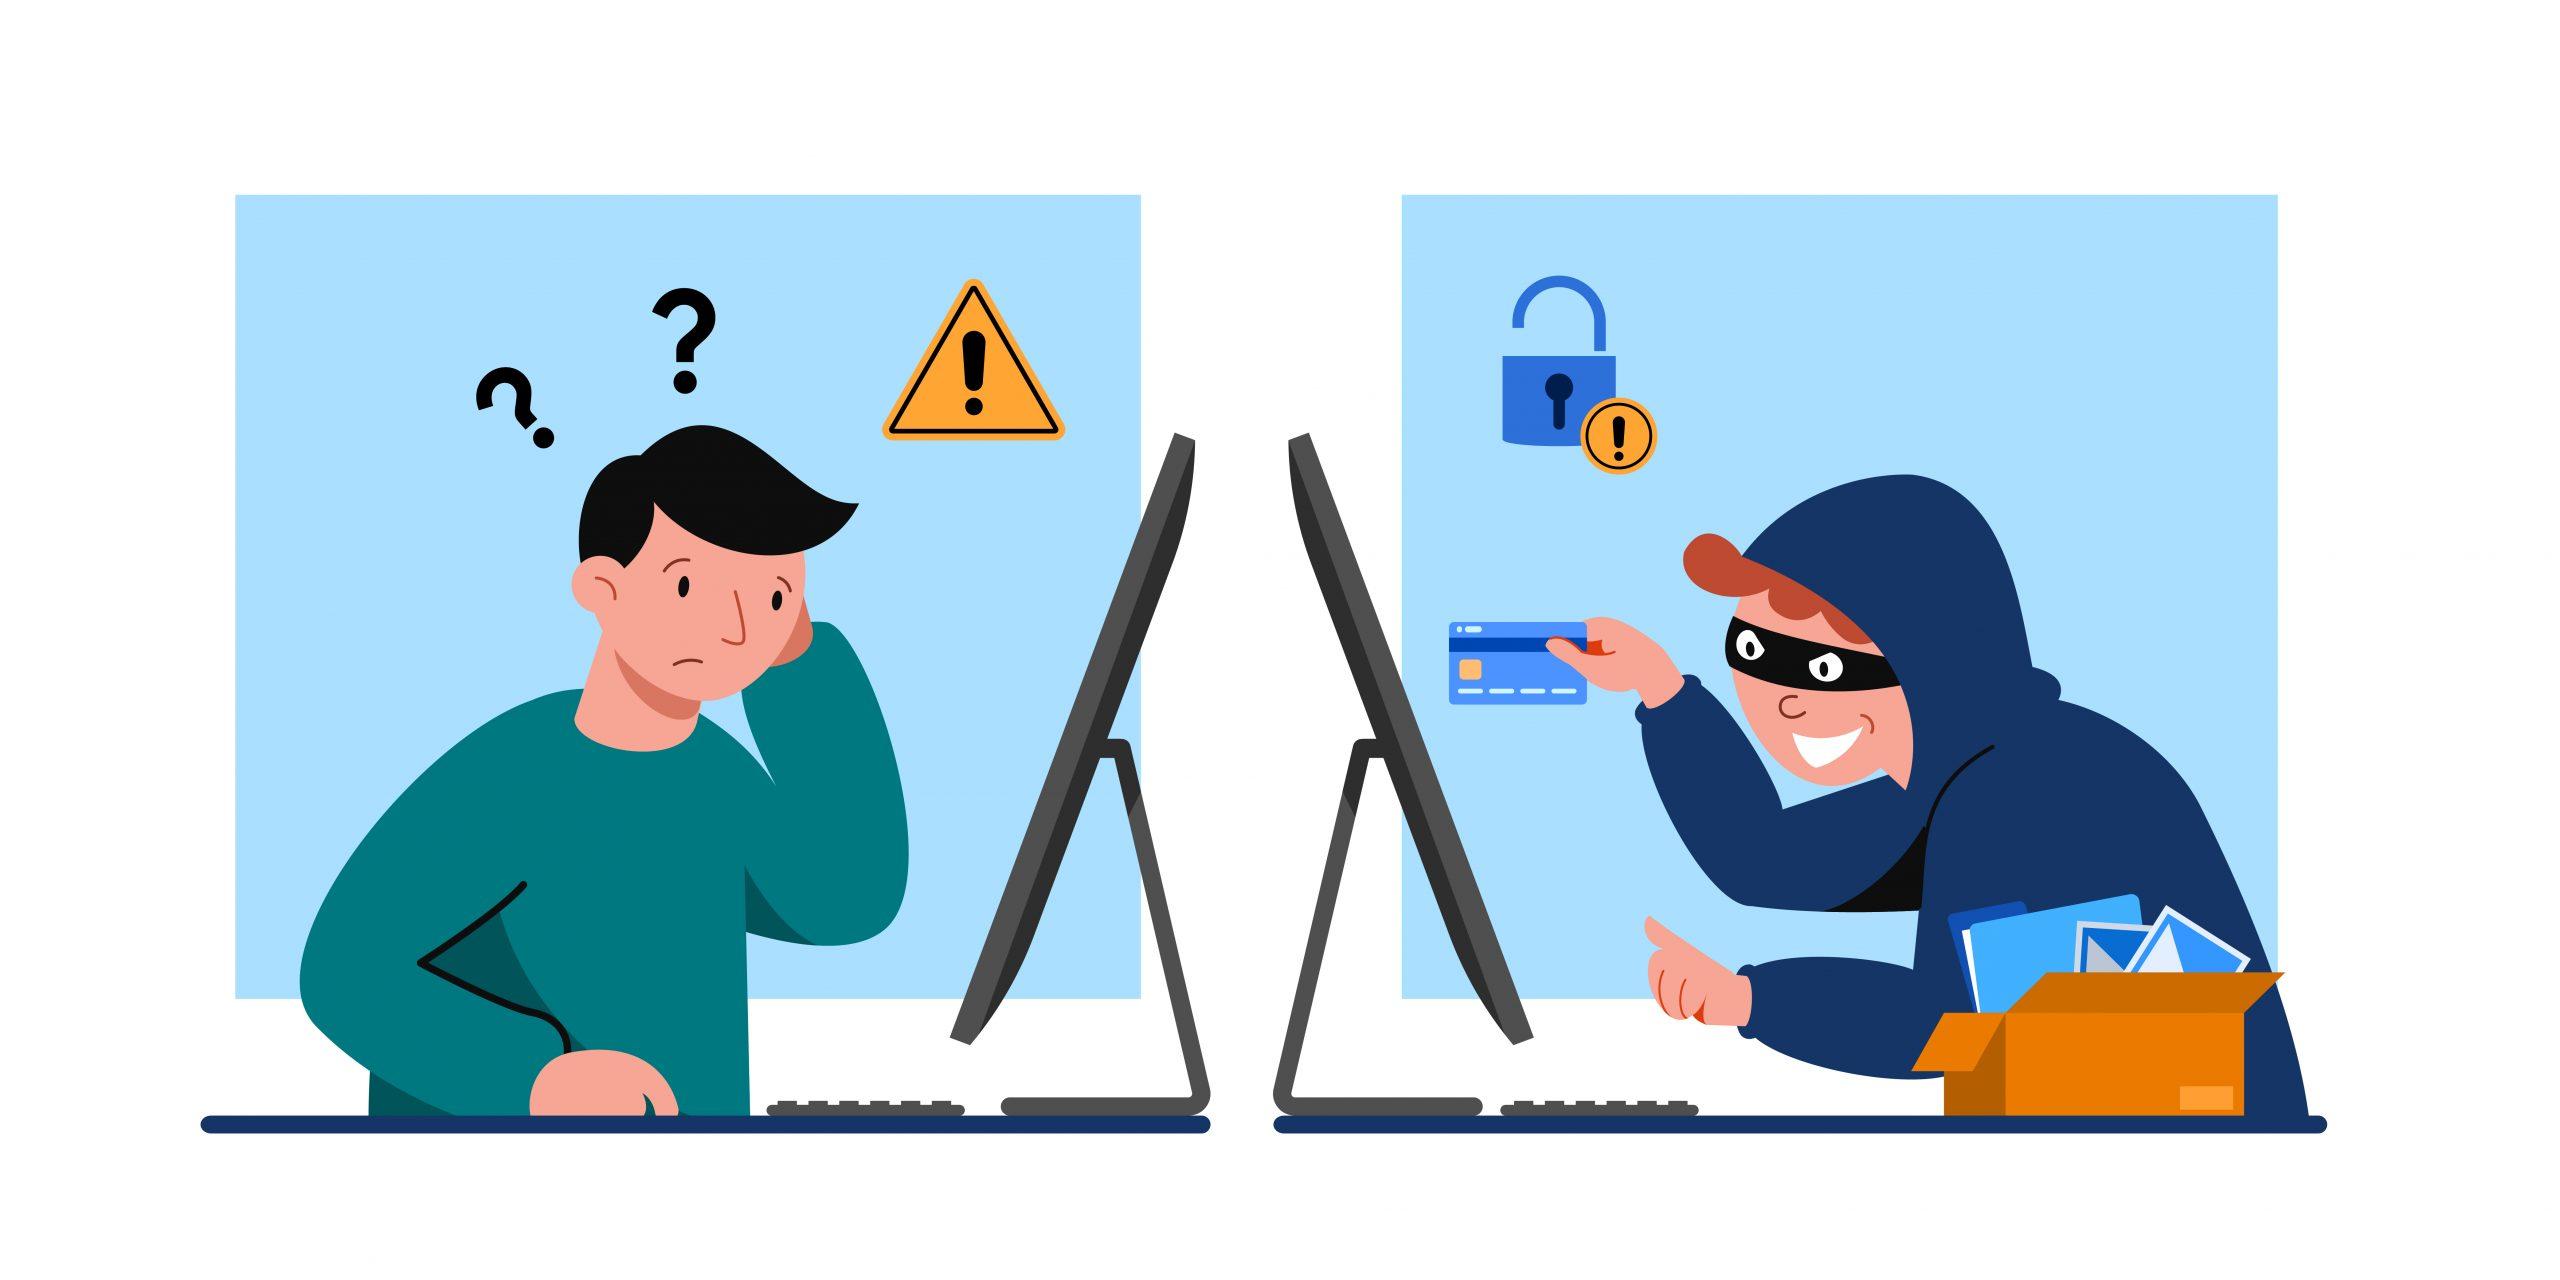 Data security 11 scaled - كيفية ازالة برامج التجسس من الموبايل للايفون والاندرويد